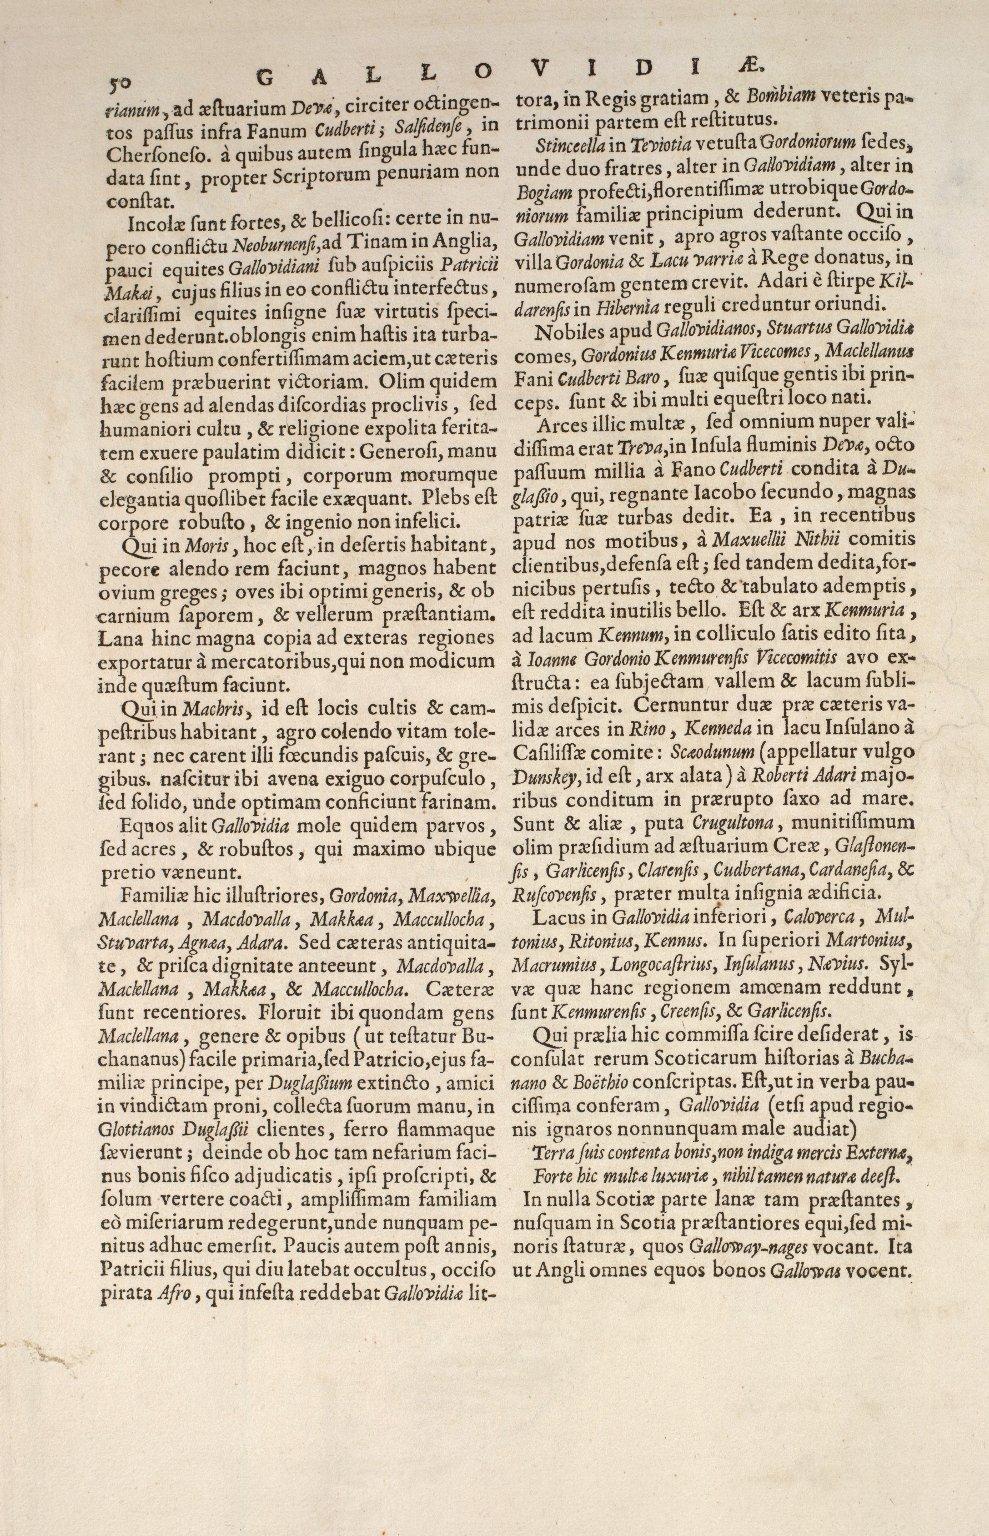 GALLOVIDIAE Pars Occidentalior, in qua VICECOMITATUS VICTONIENSIS cum Regalitate Glenlucensi [3 of 3]